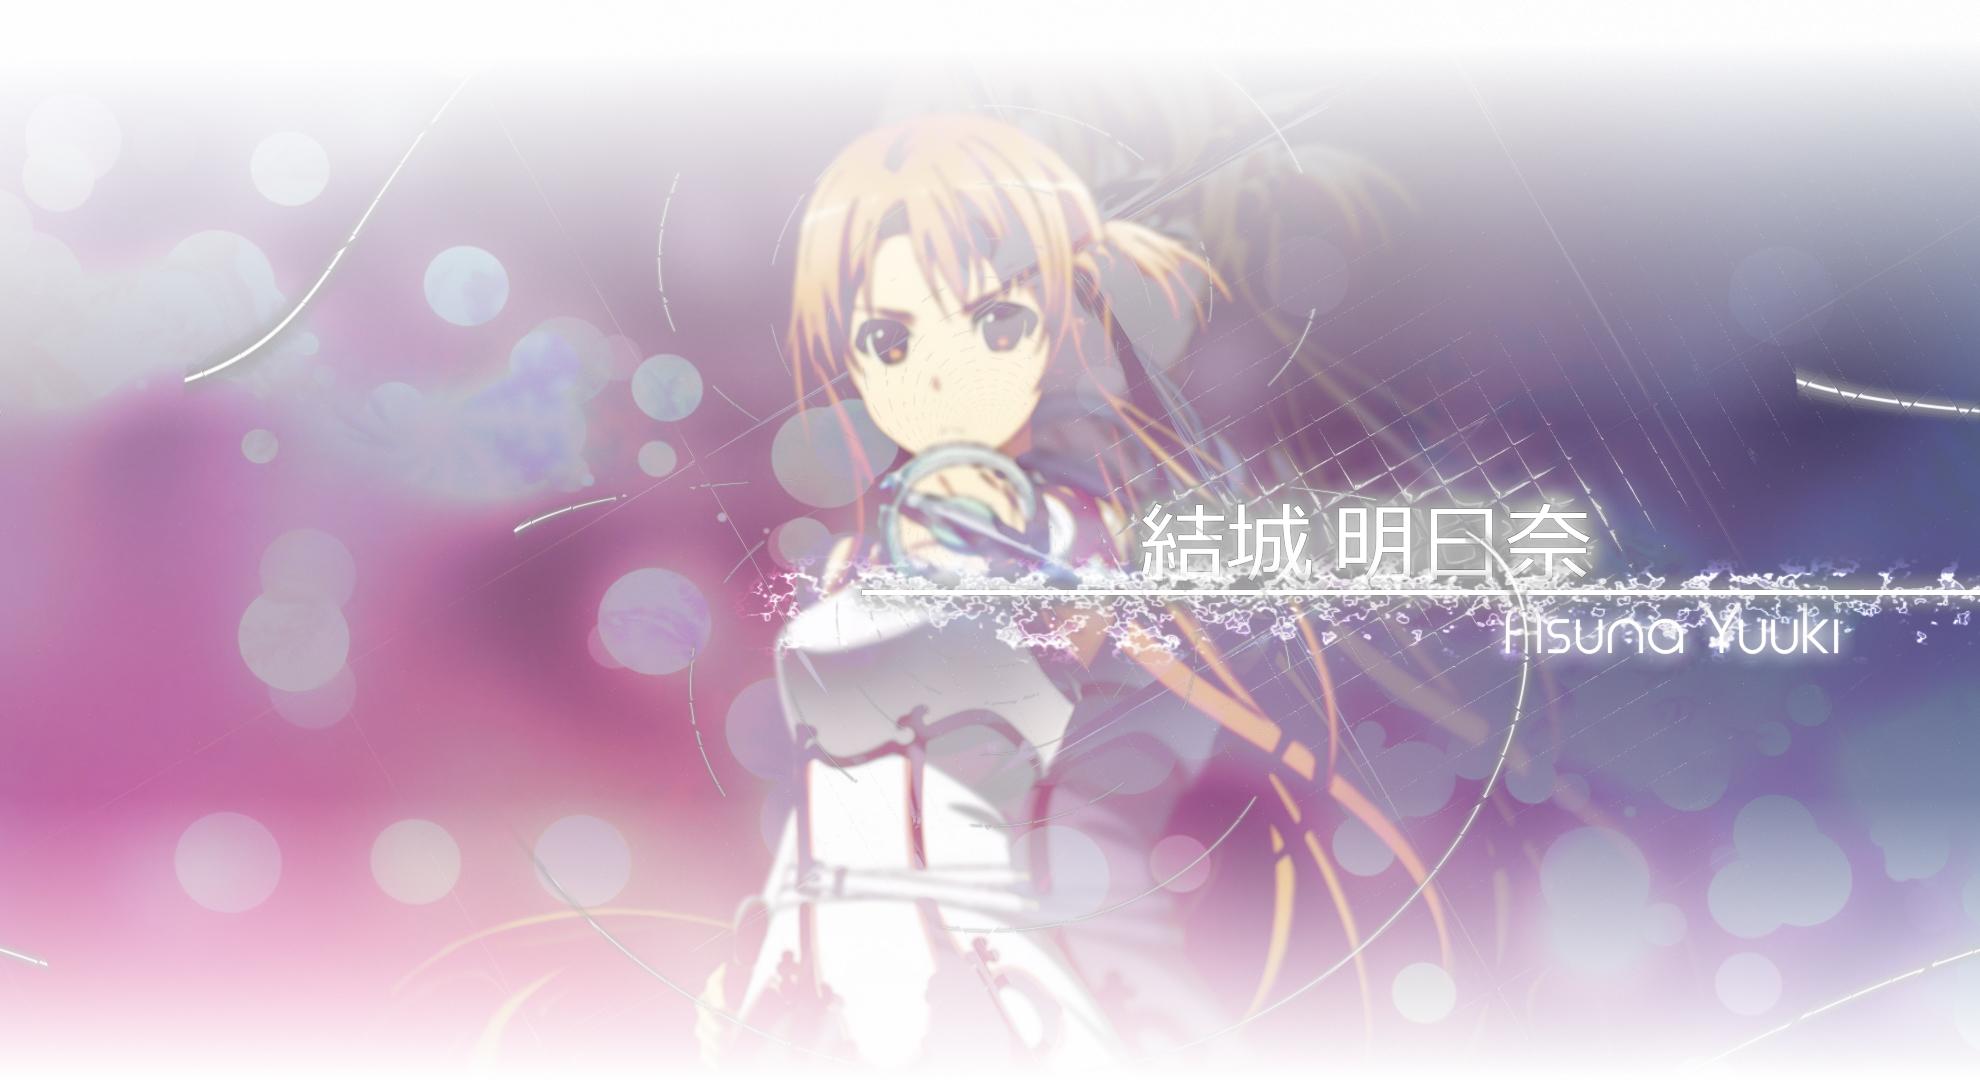 [Sword Art Online] Asuna Yuuki Edit